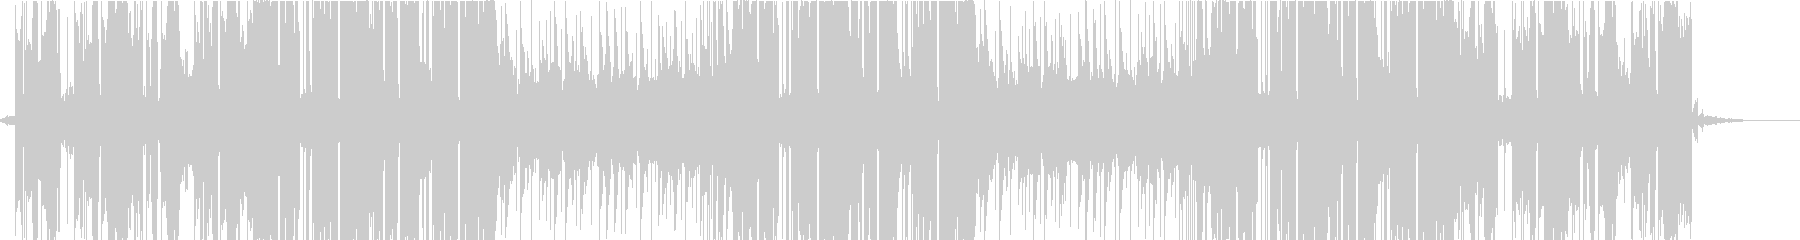 クールなローファイビートの未再生の波形